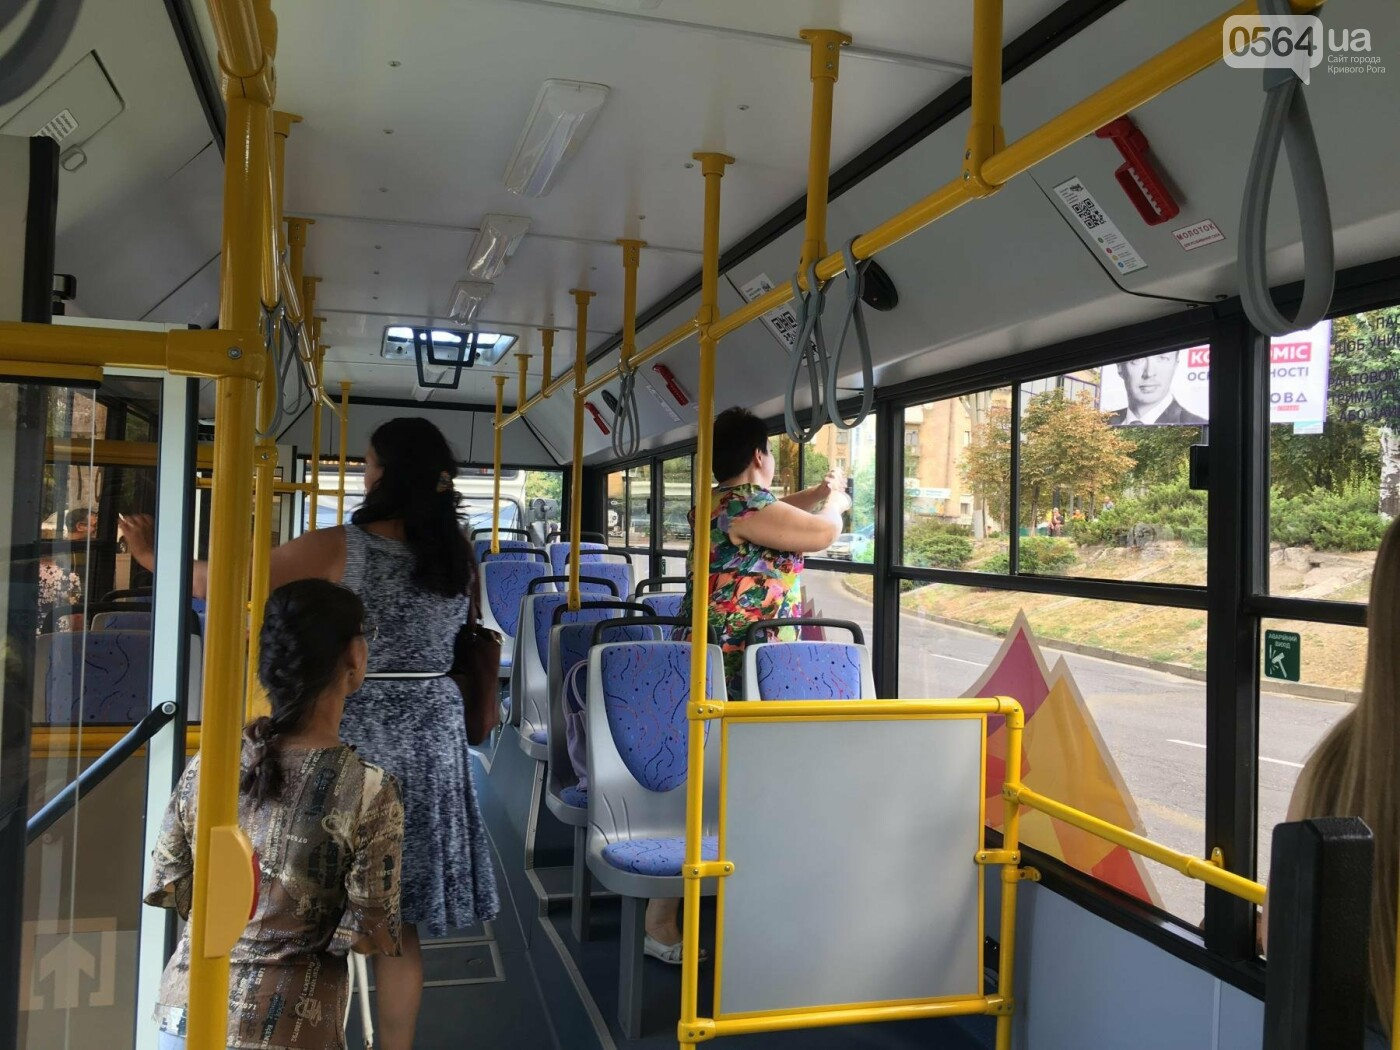 В Кривом Роге выпустили на линию новые троллейбусы и уже думают, как и сохранить их белыми и чистыми, - ФОТО, ВИДЕО, фото-31